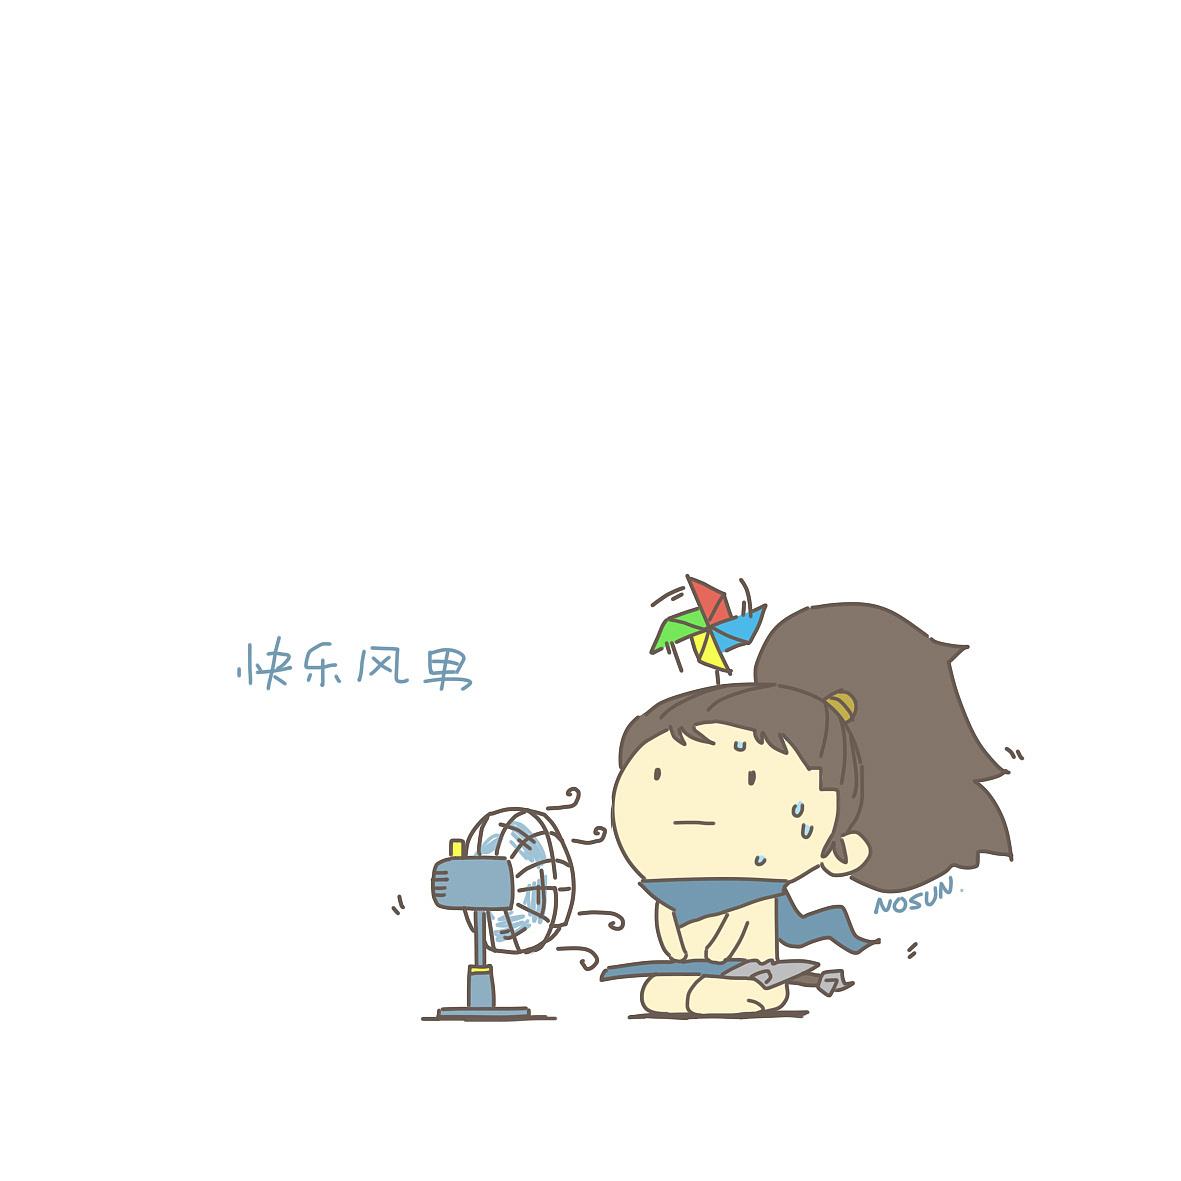 lol快樂風男表情包圖片